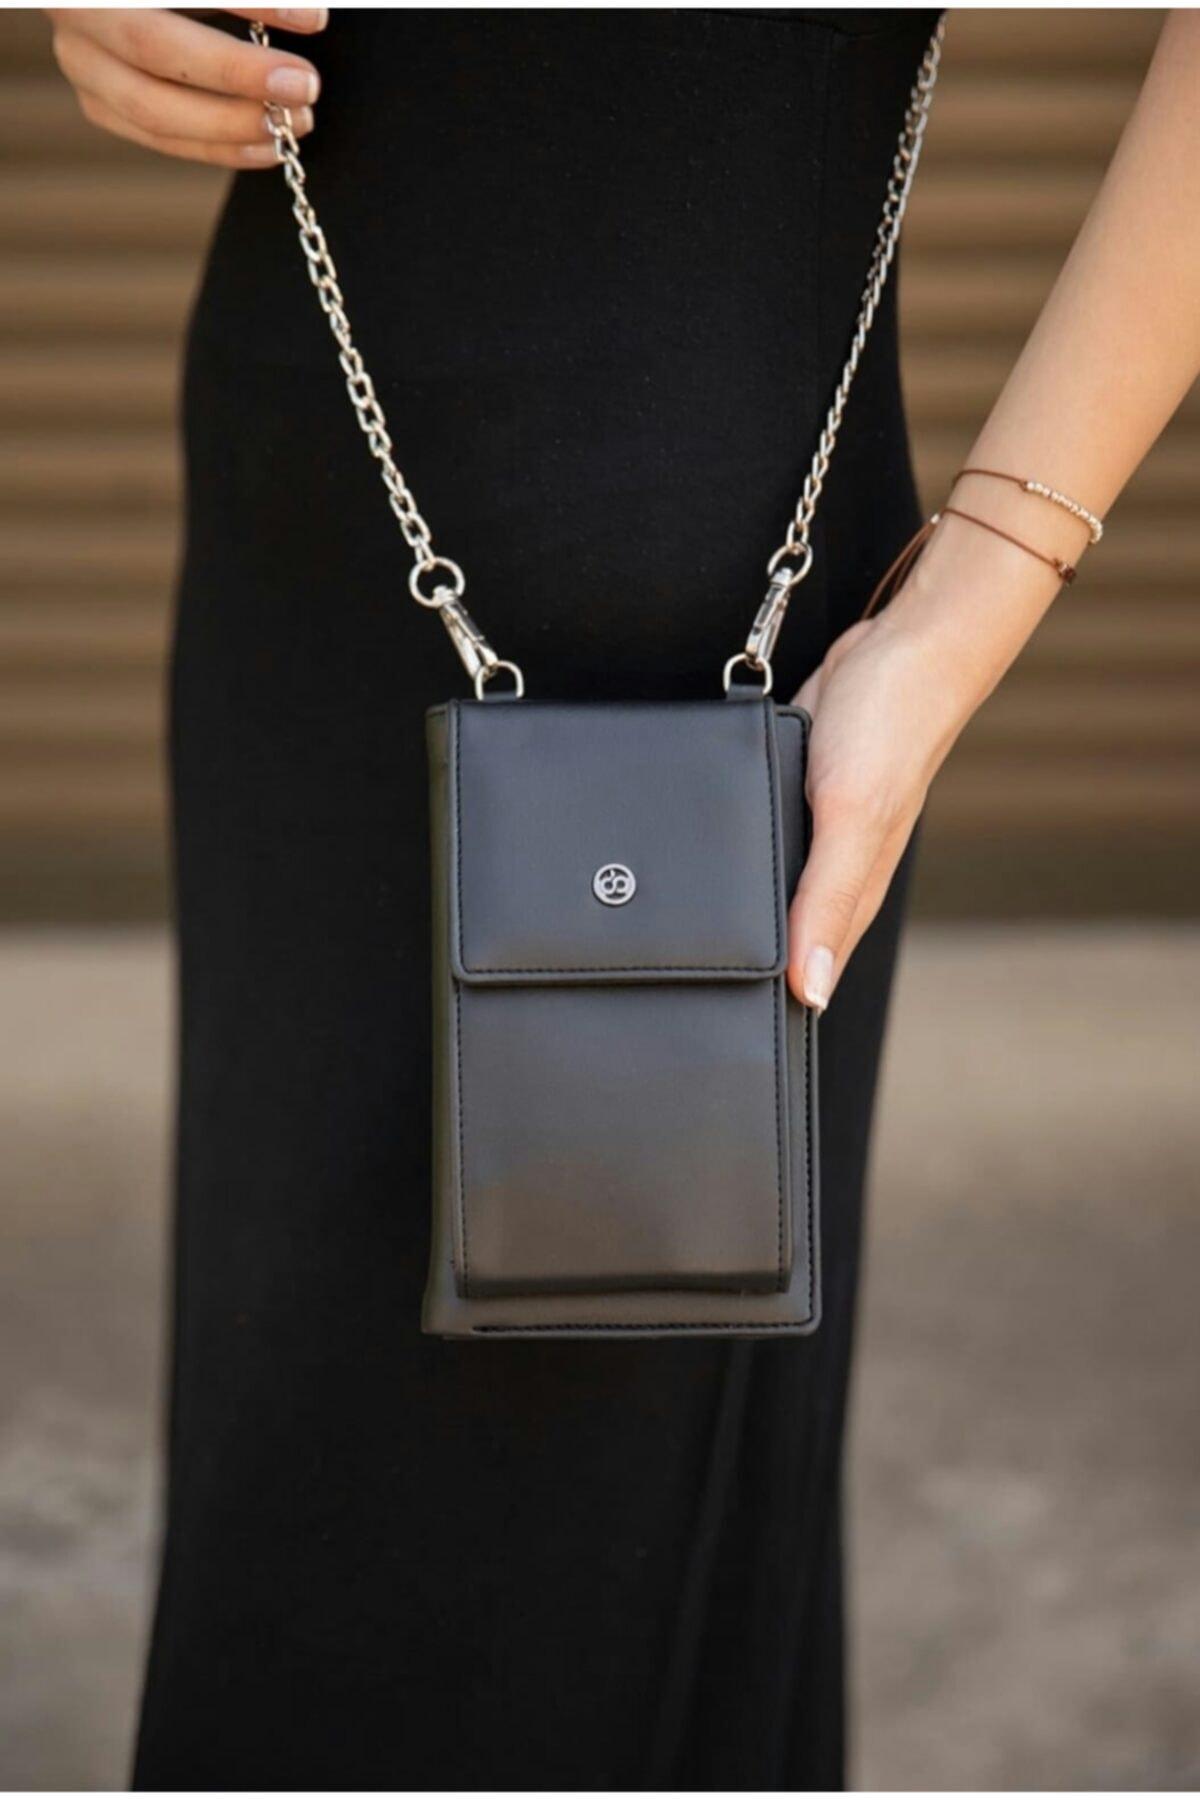 Kadın Telefon Bölmeli Şık Siyah Omuz Çantası